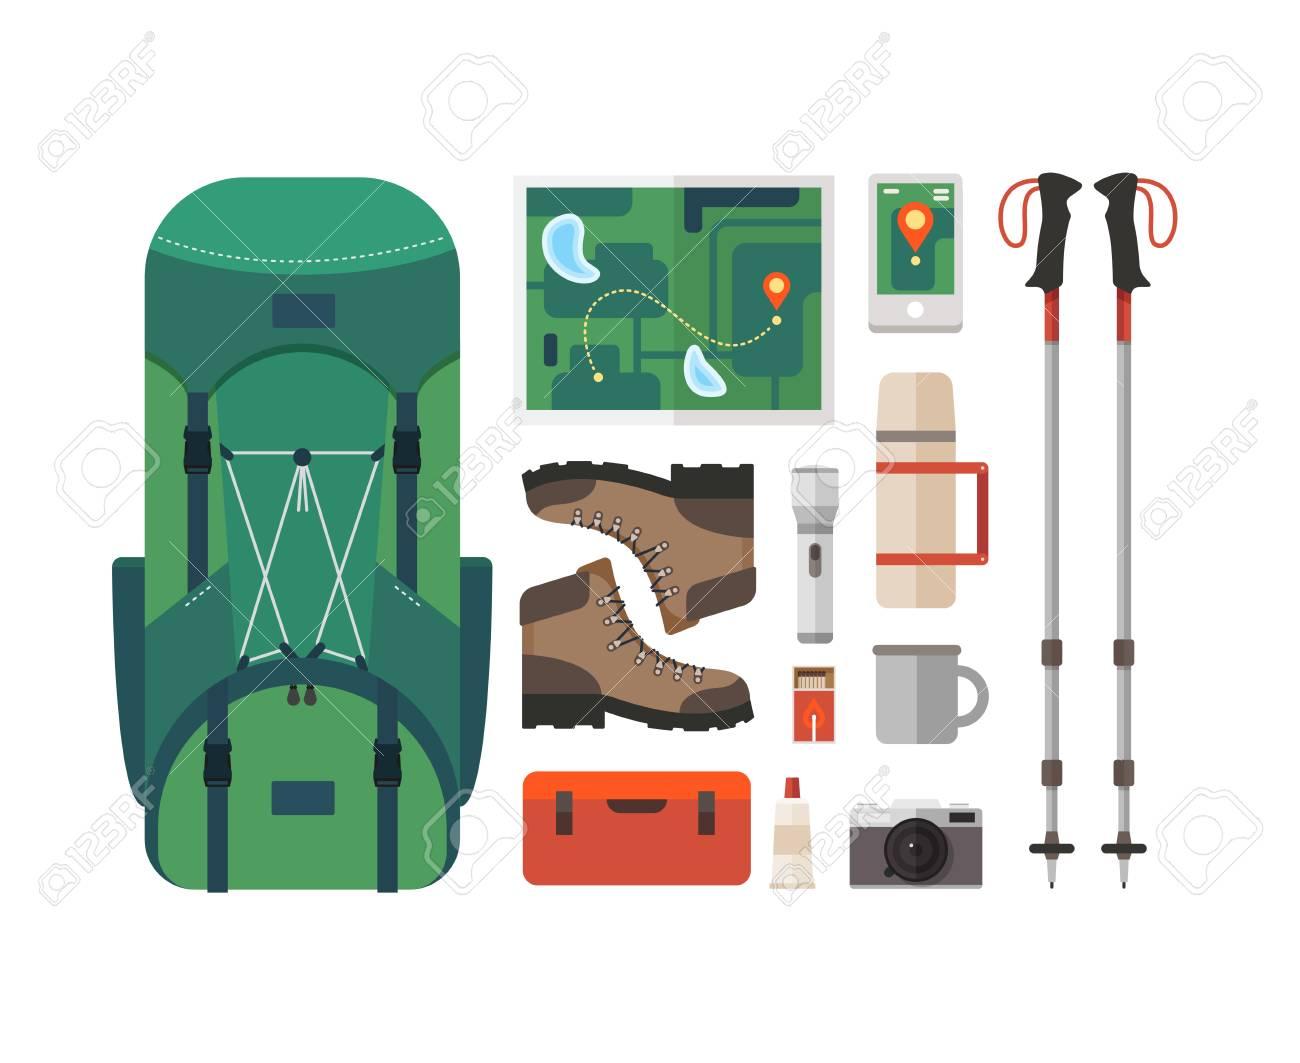 Le Nettoyage des bo/îtes sanitaires /à Laver /à la Main Fgertt Lot de 100 comprim/és de Voyage jetables pour Le Camping la randonn/ée